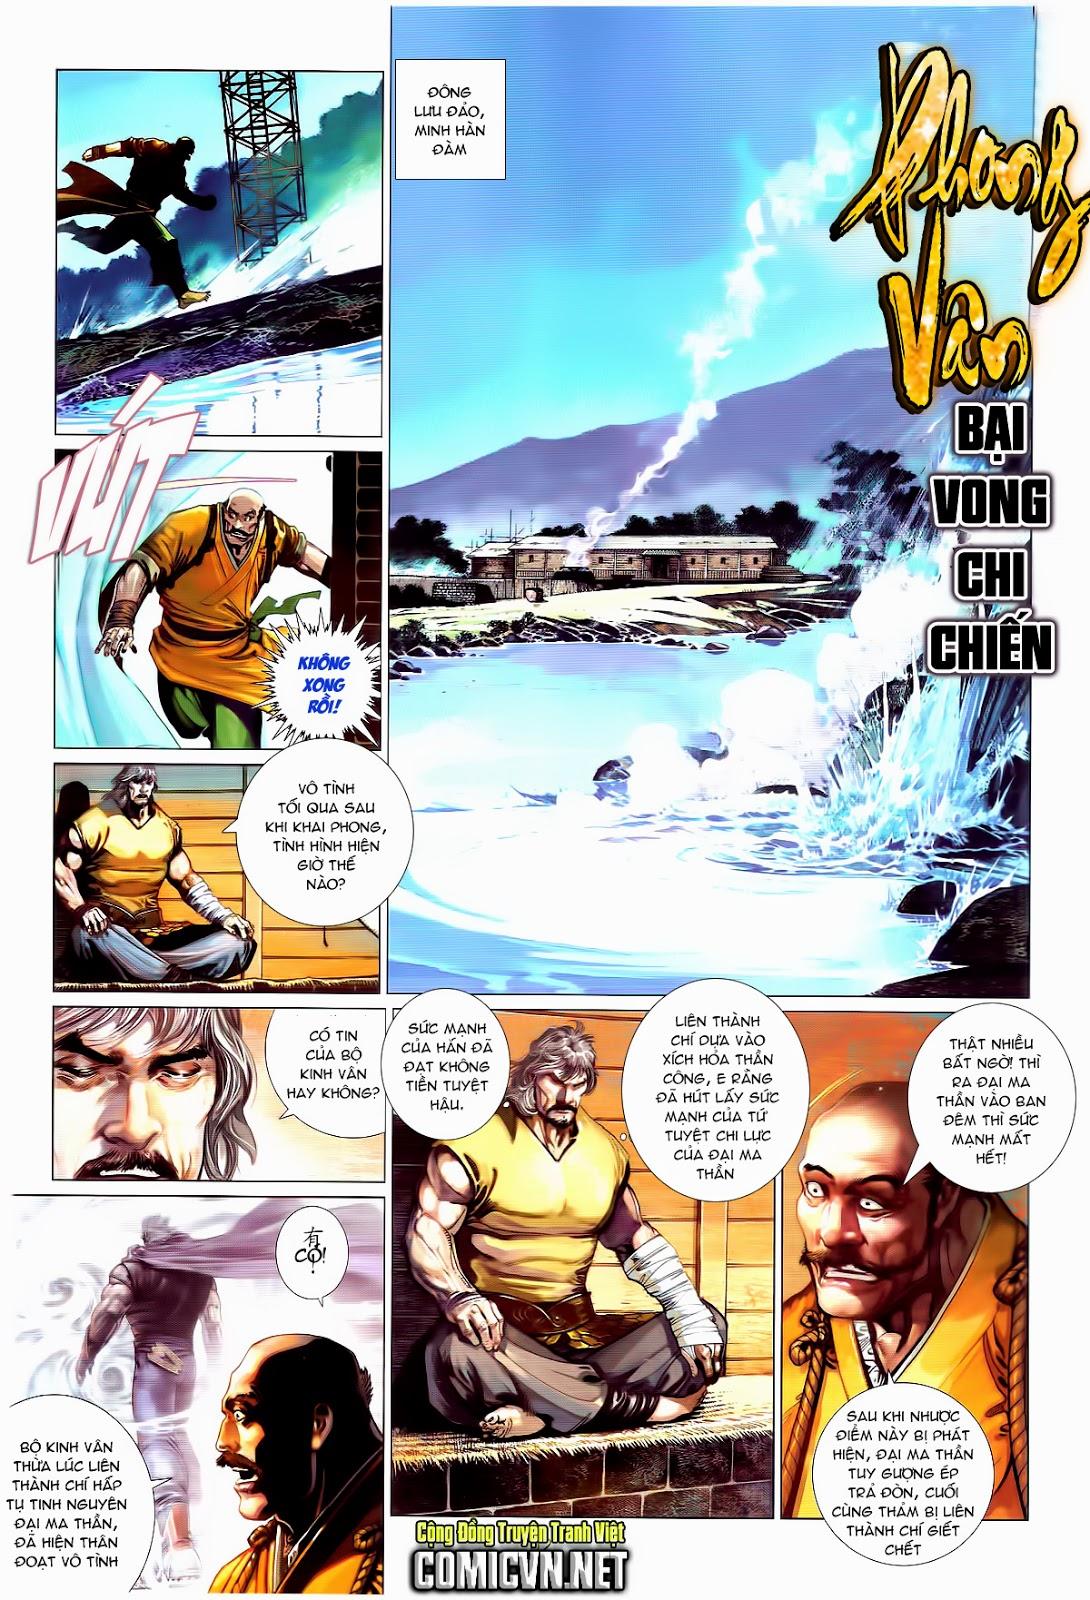 Phong Vân Chap 662 : Bại vong chi chiến